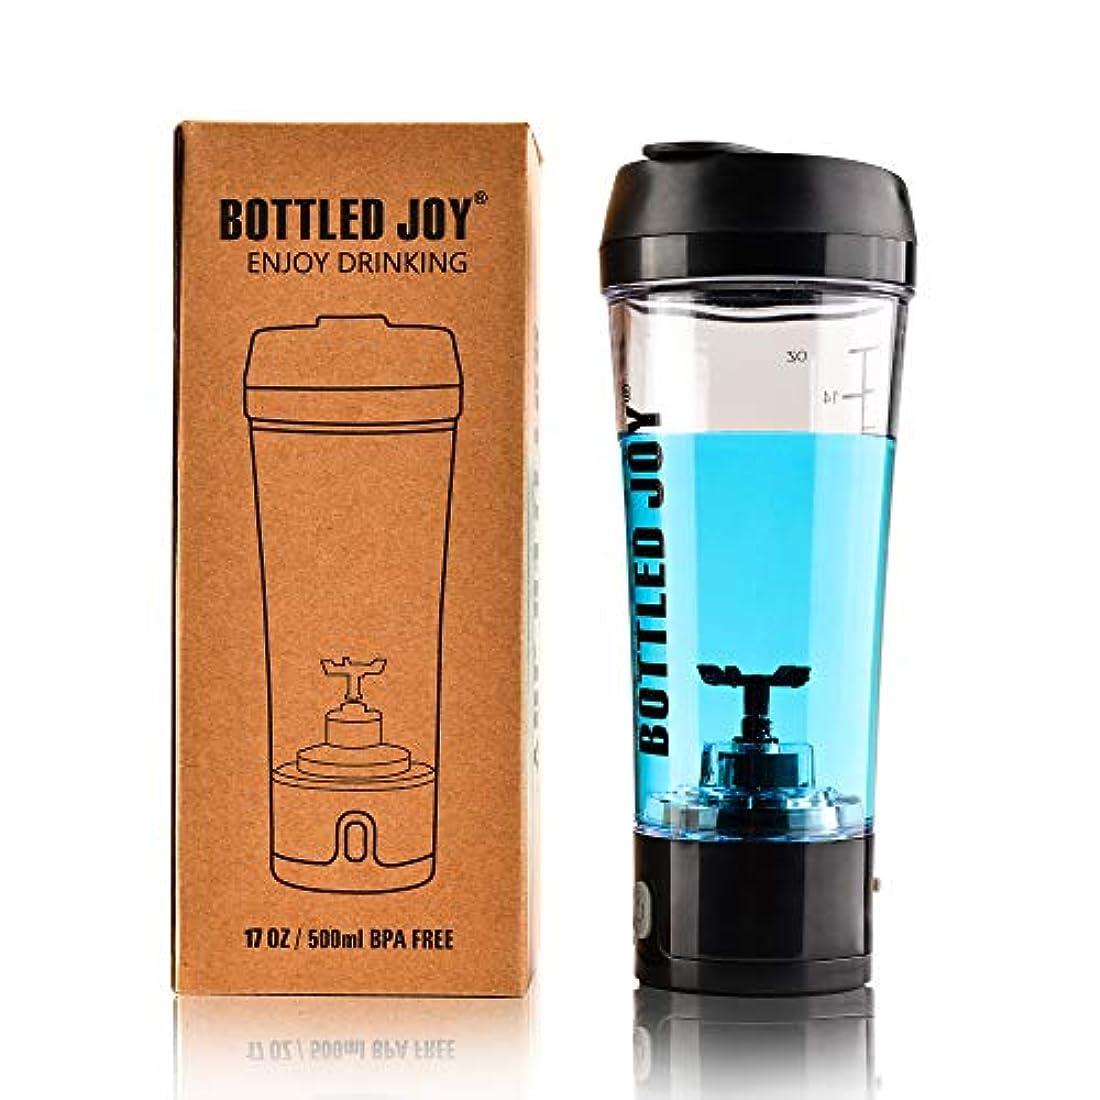 圧倒的酸化物空虚Bottled Joy Electric Shaker Bottle、USB Rechargeable Protein Shaker、high-torque Stirring Blenderミキサーのスポーツマンと女性16oz...